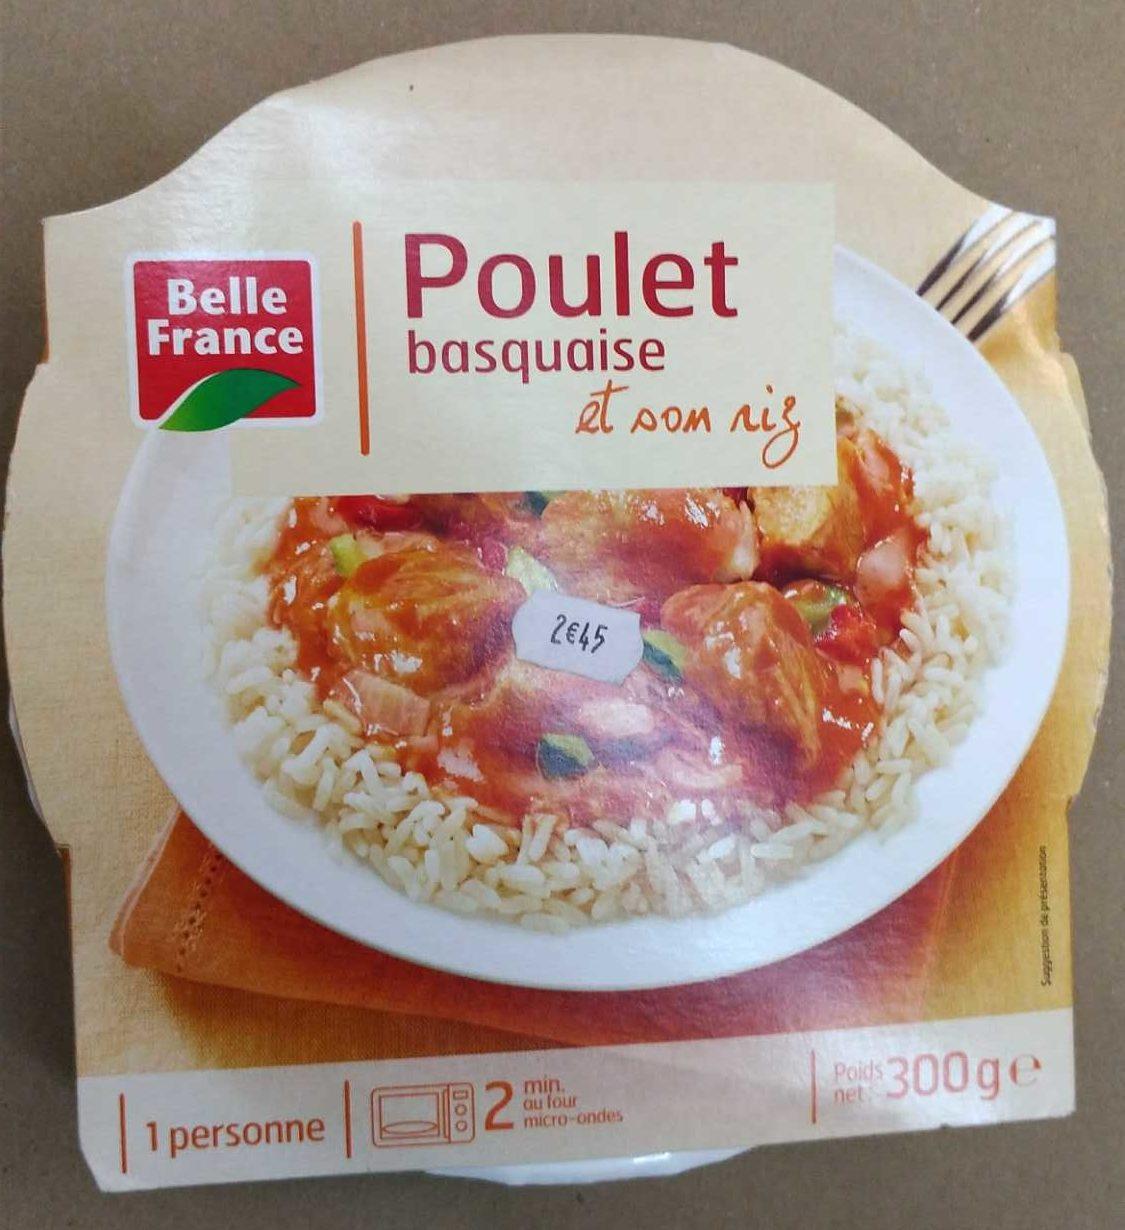 Poulet basquaise - Product